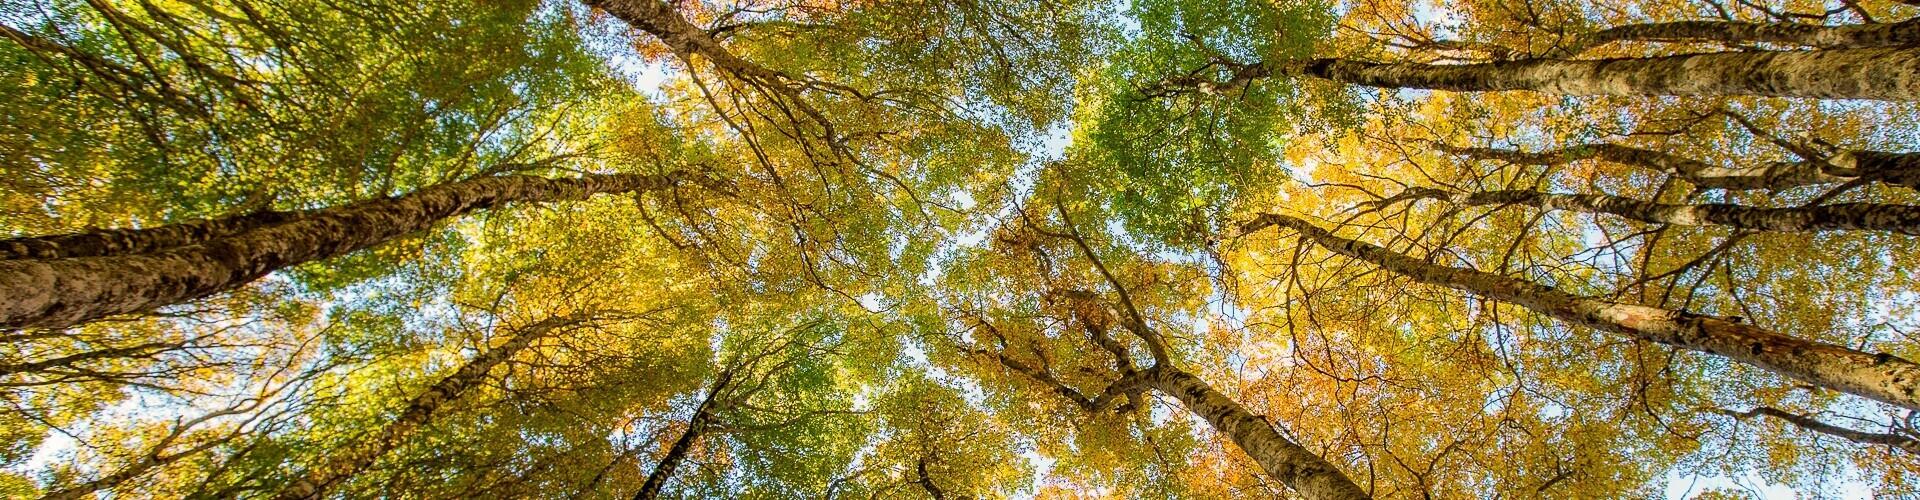 voyage photo automne mathieu pujol header